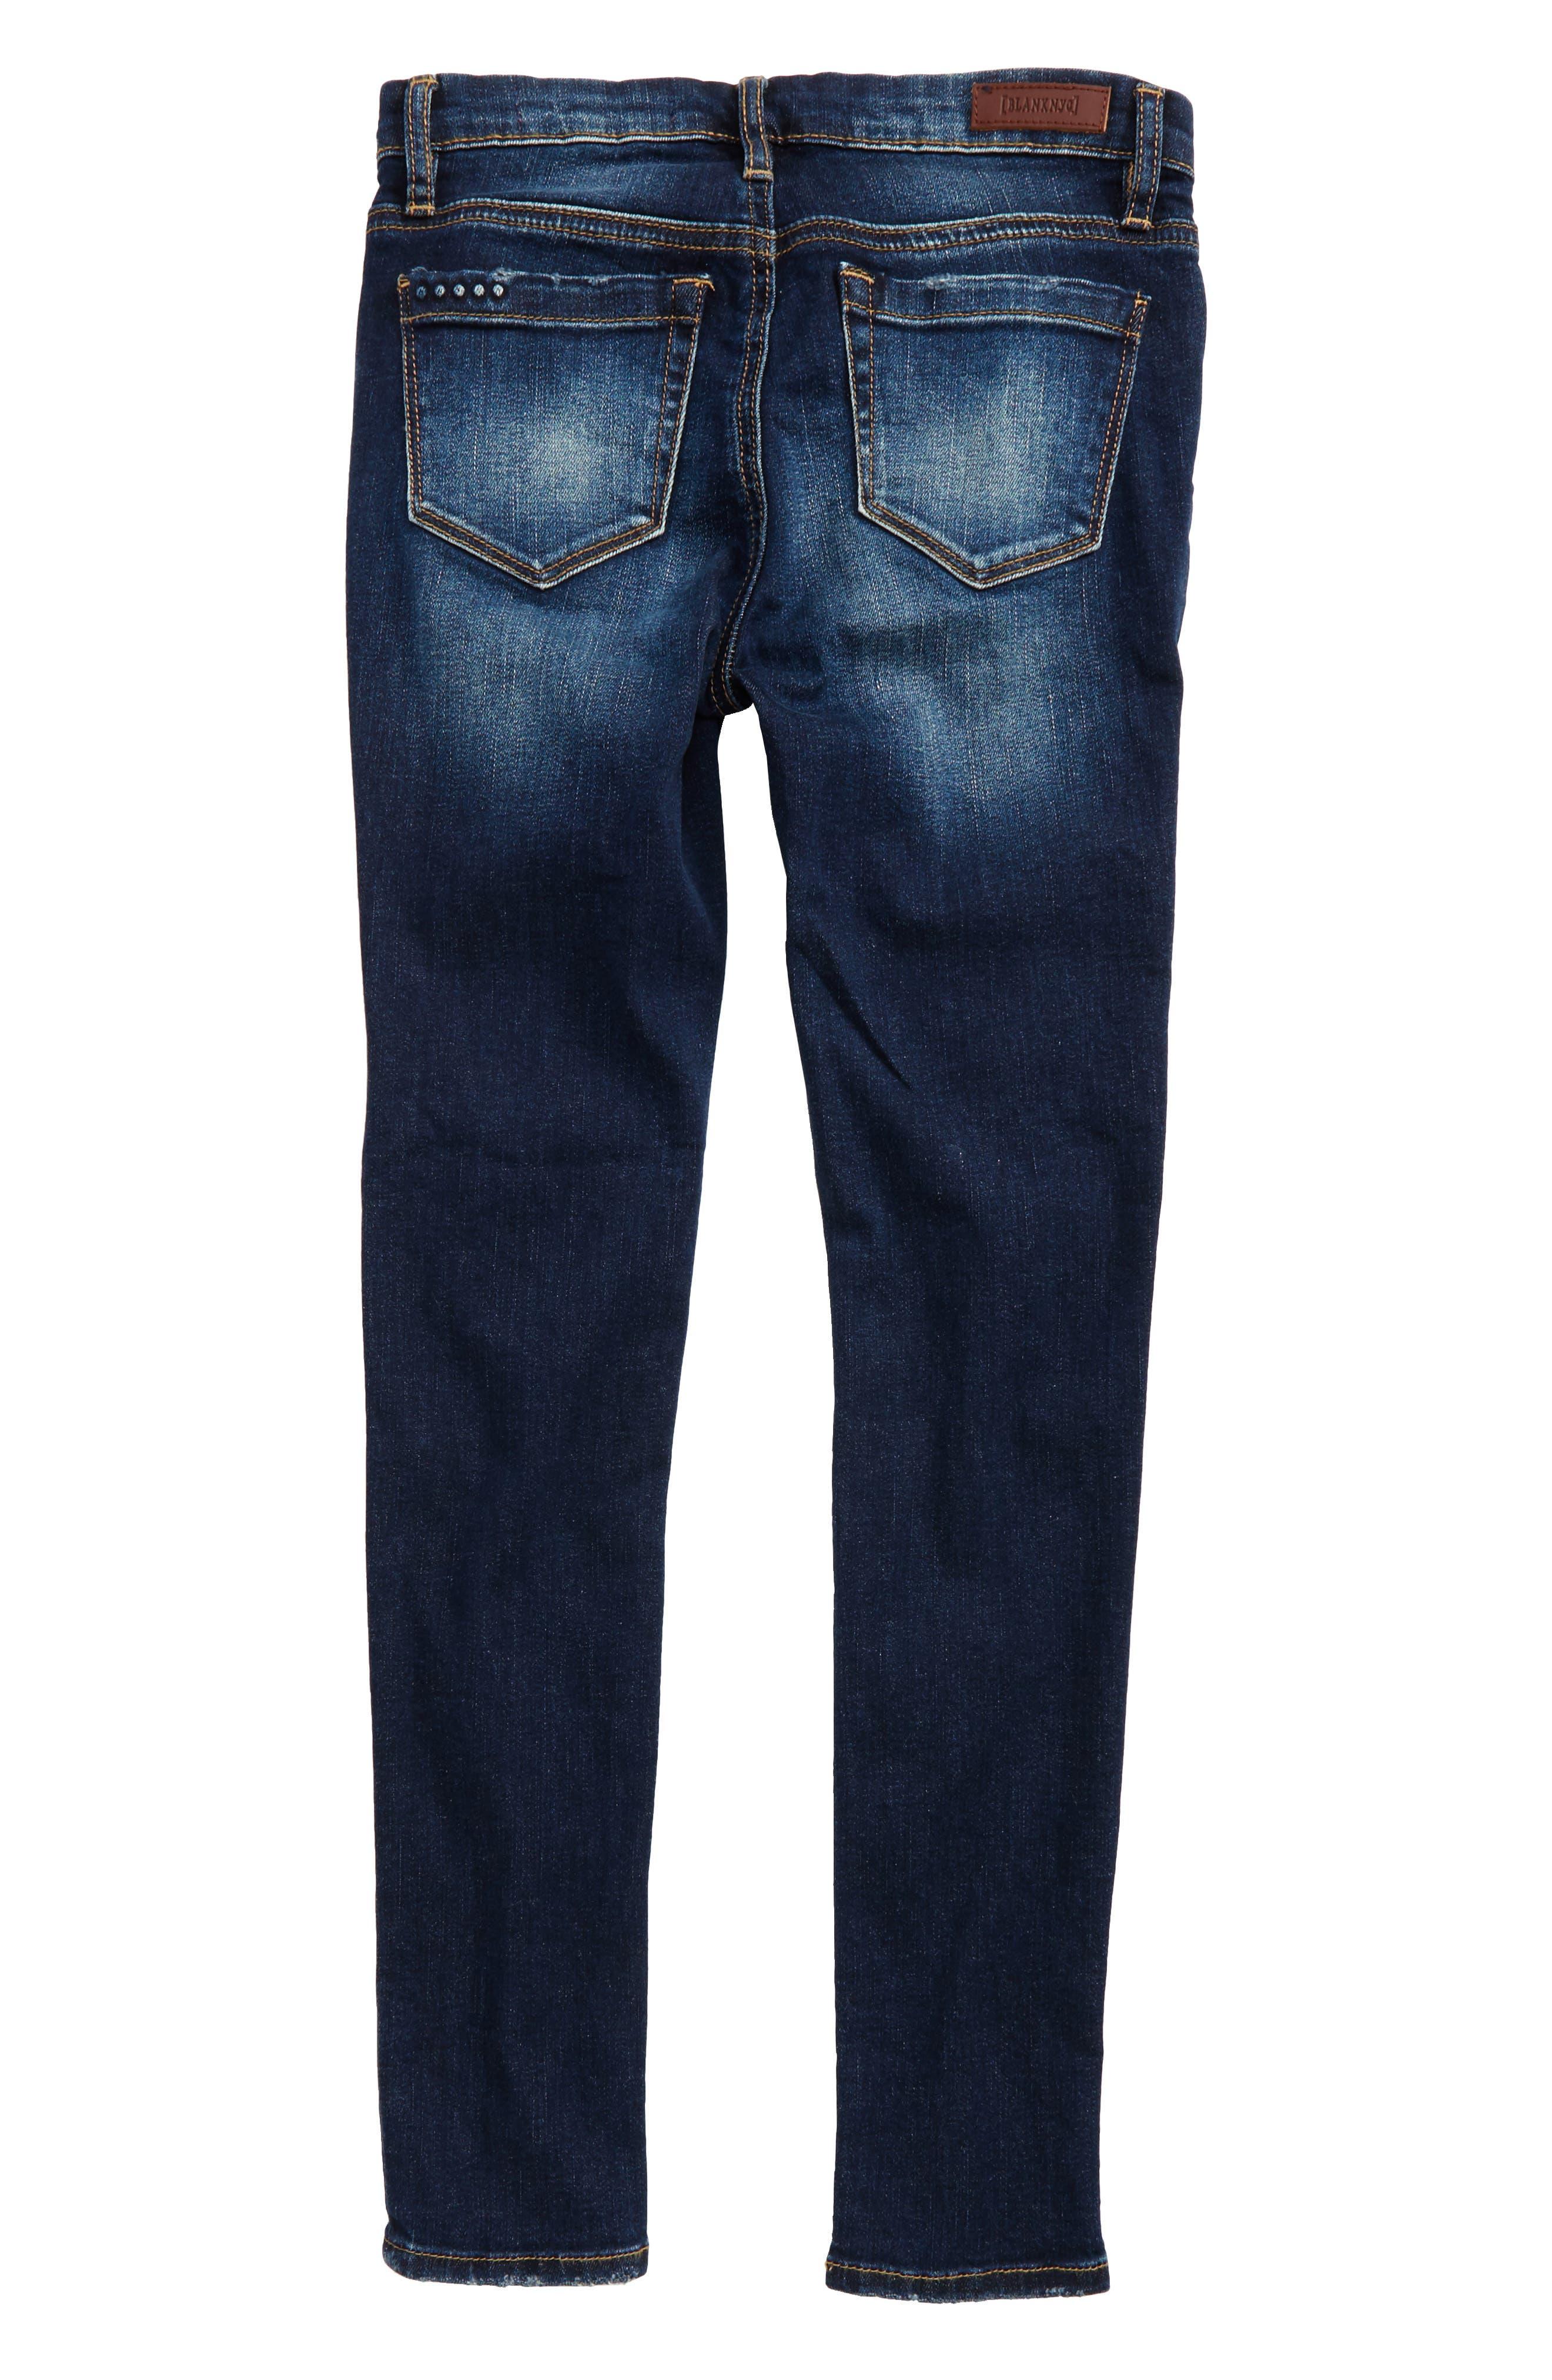 Alternate Image 2  - BLANKNYC Rip & Repair Skinny Jeans (Big Girls)